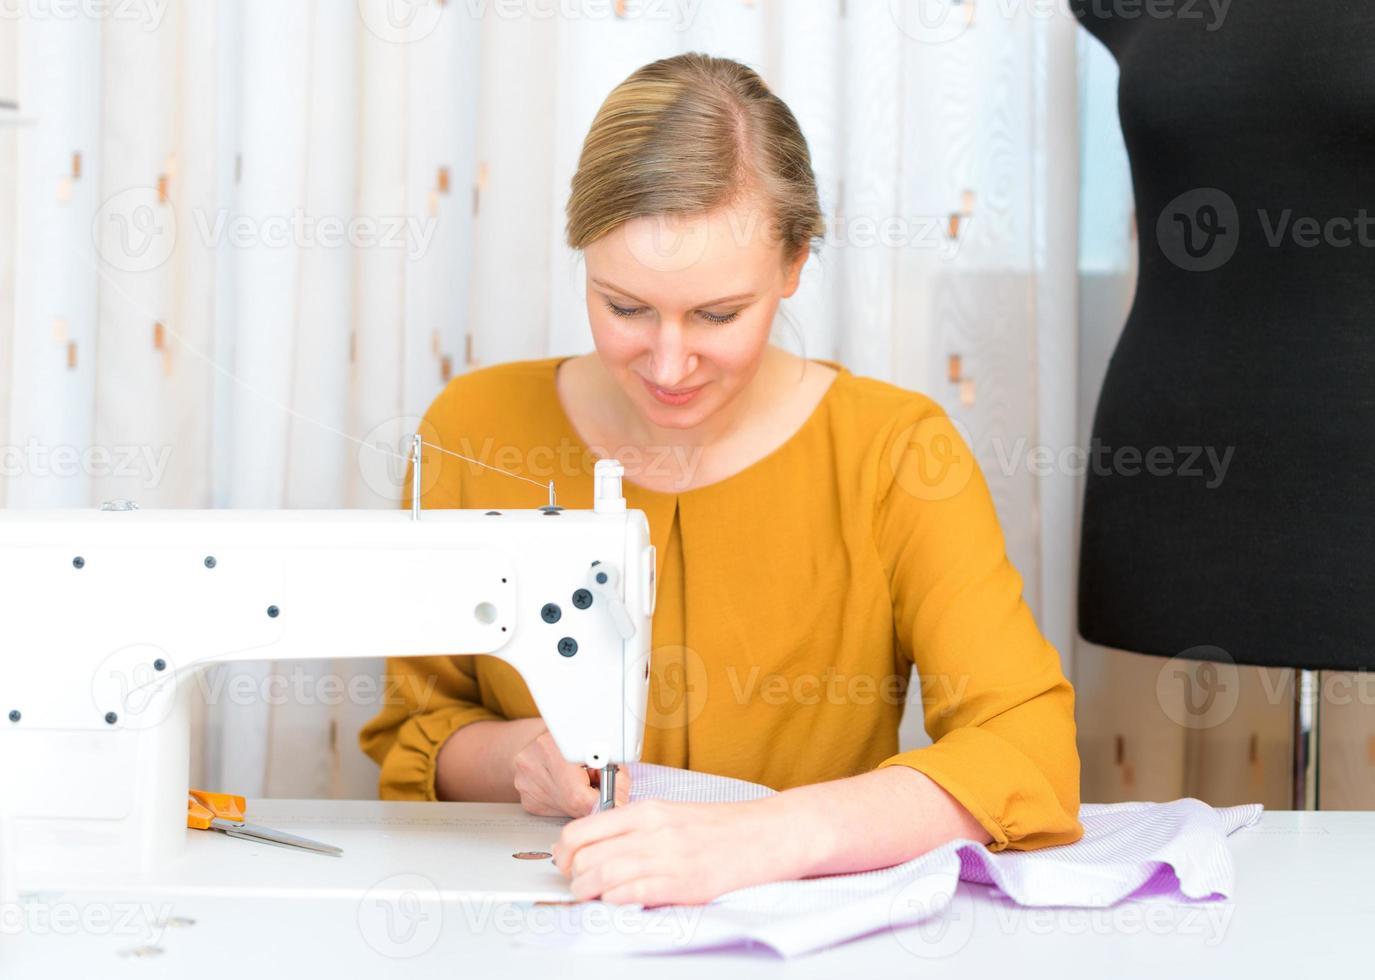 Frau arbeitet an Nähmaschine in der Fabrik. foto